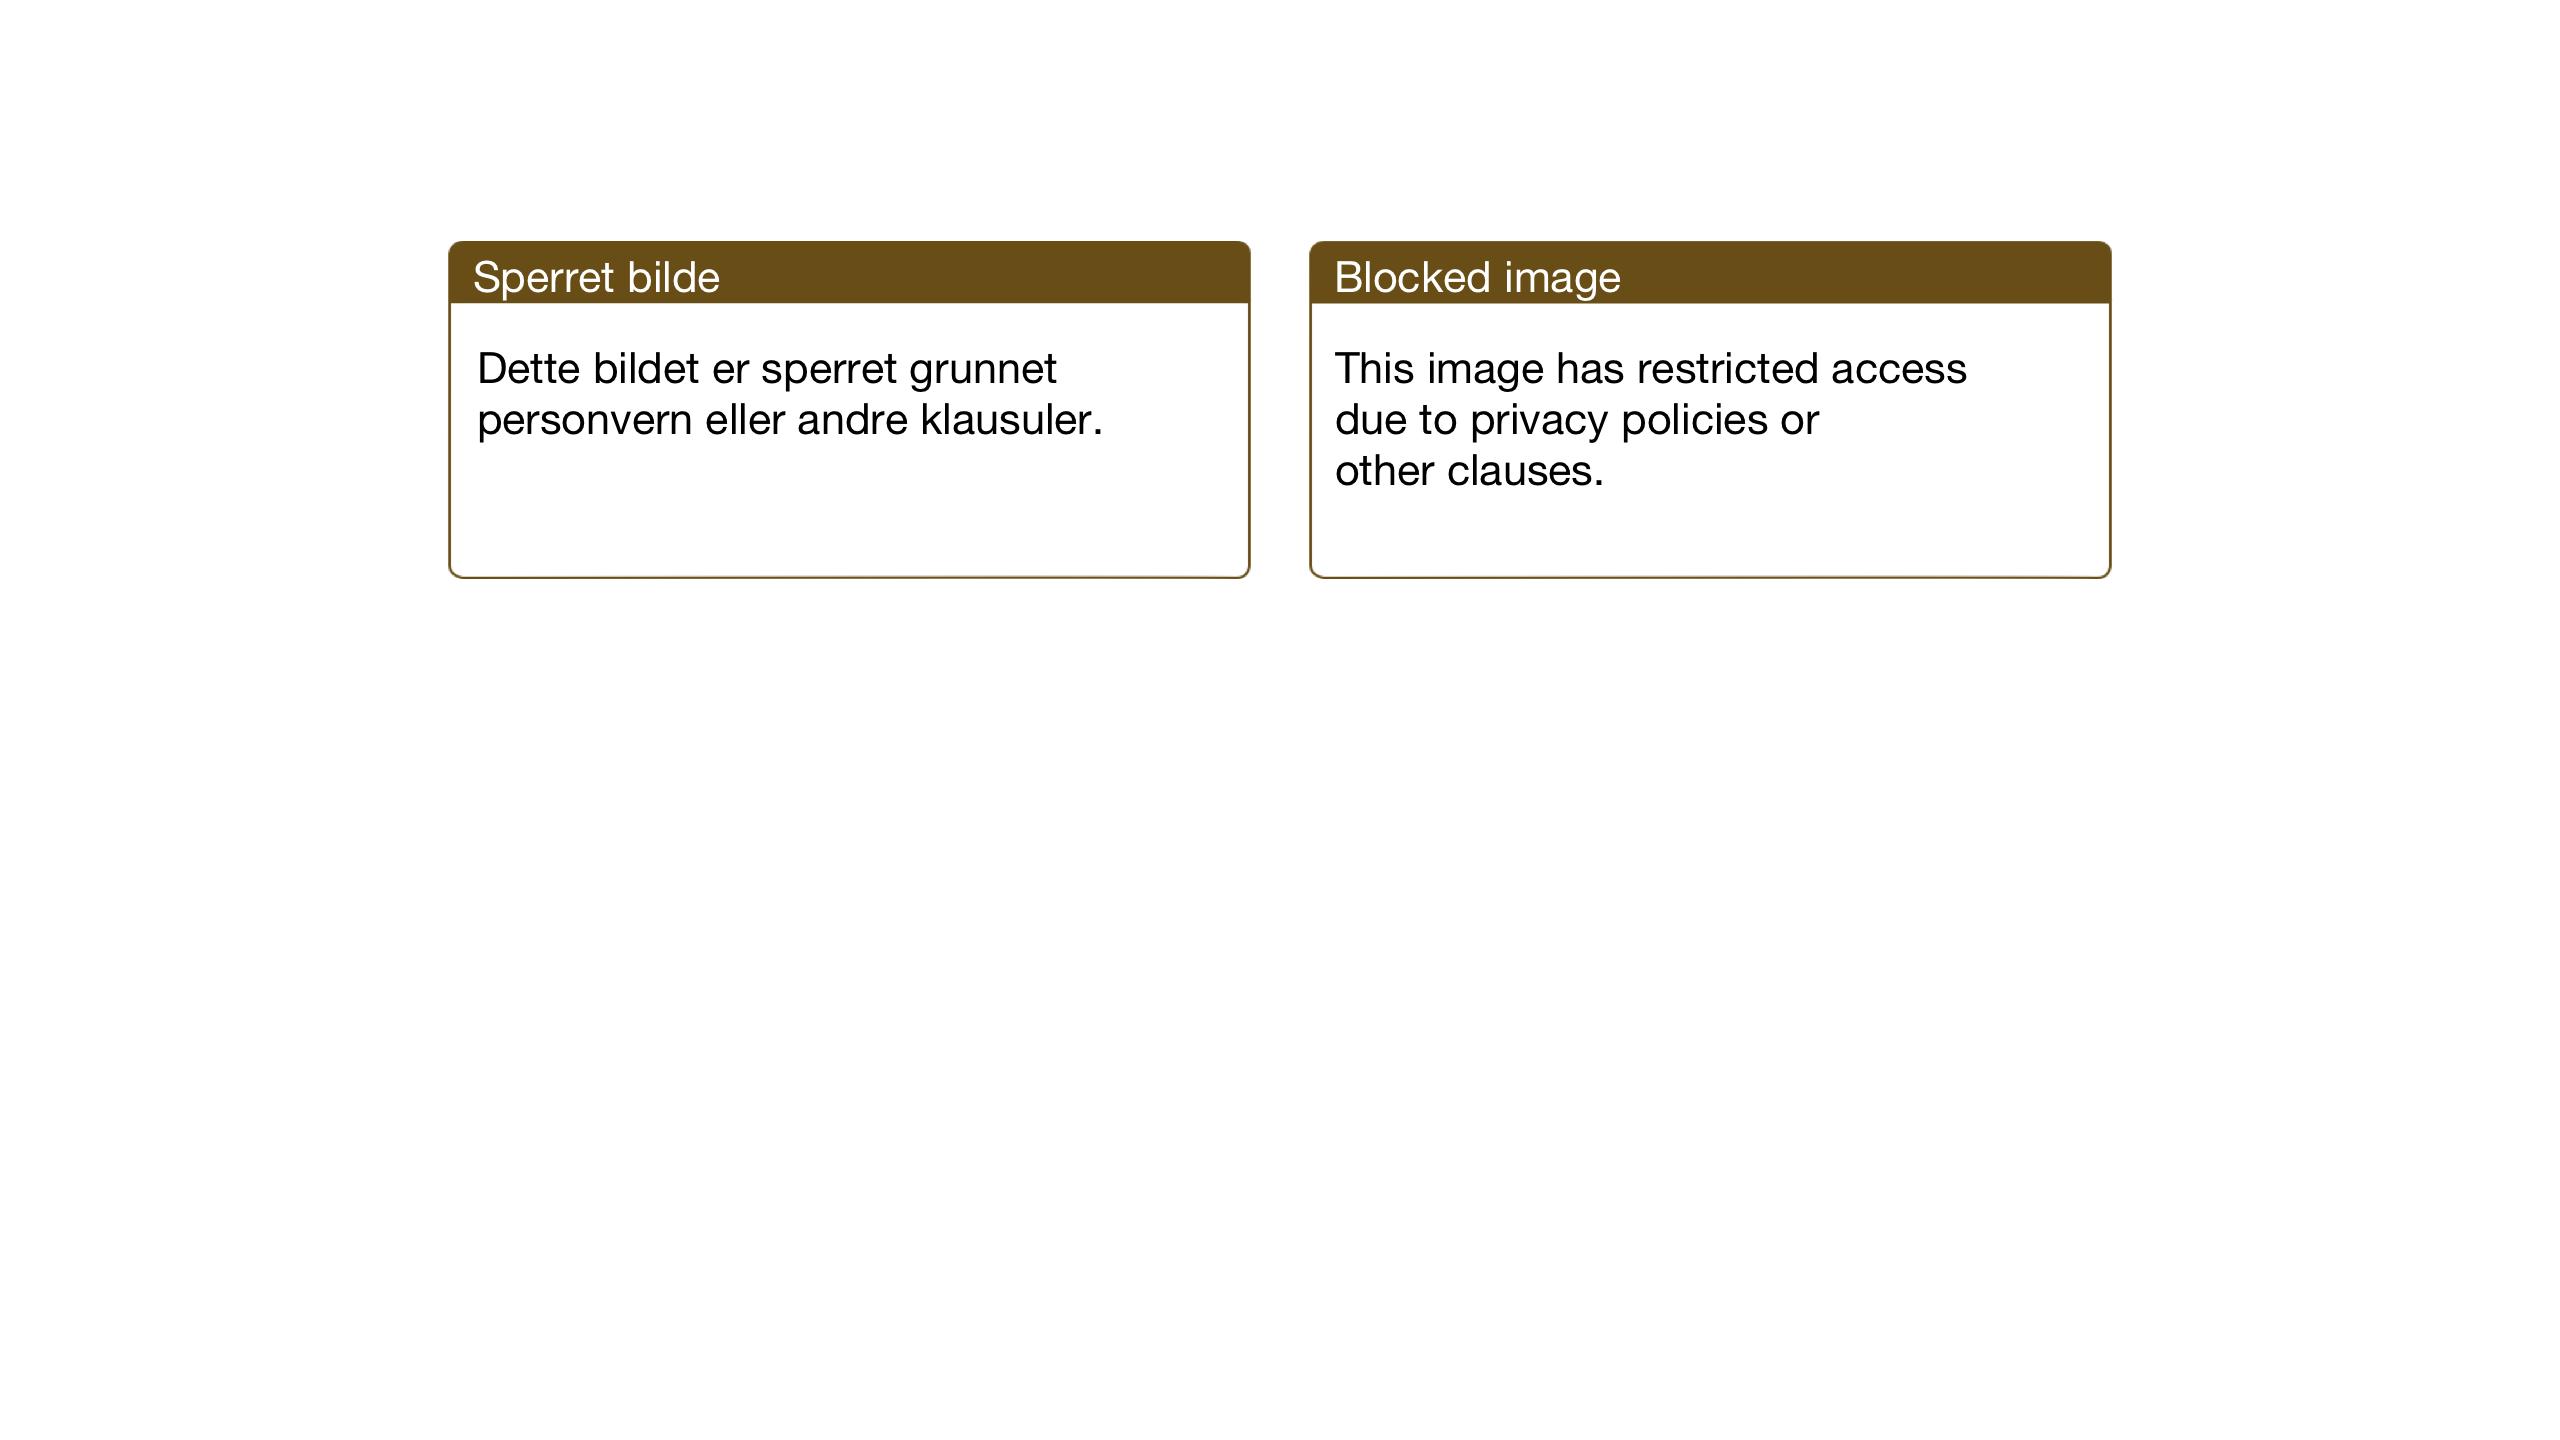 SAT, Ministerialprotokoller, klokkerbøker og fødselsregistre - Sør-Trøndelag, 669/L0832: Klokkerbok nr. 669C02, 1925-1953, s. 58